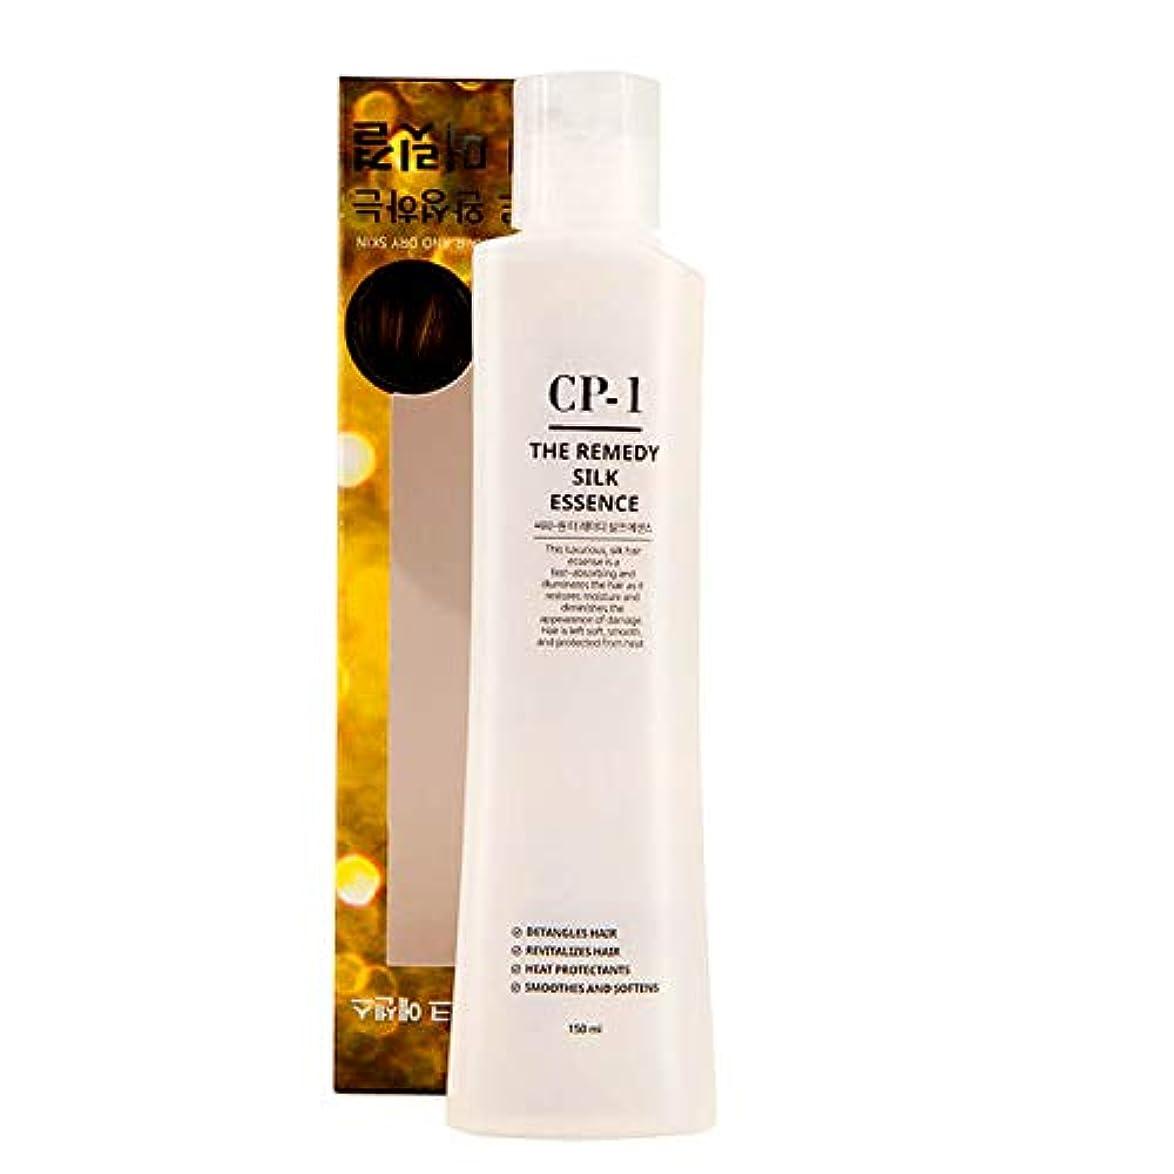 バトル魅惑的な仮定するEsthetic House[エステティックハウス] CP-1 治療シルクエッセンス 150ml (傷んだ髪や乾燥肌の韓国のヘアケアに) / The Remedy Silk Essence